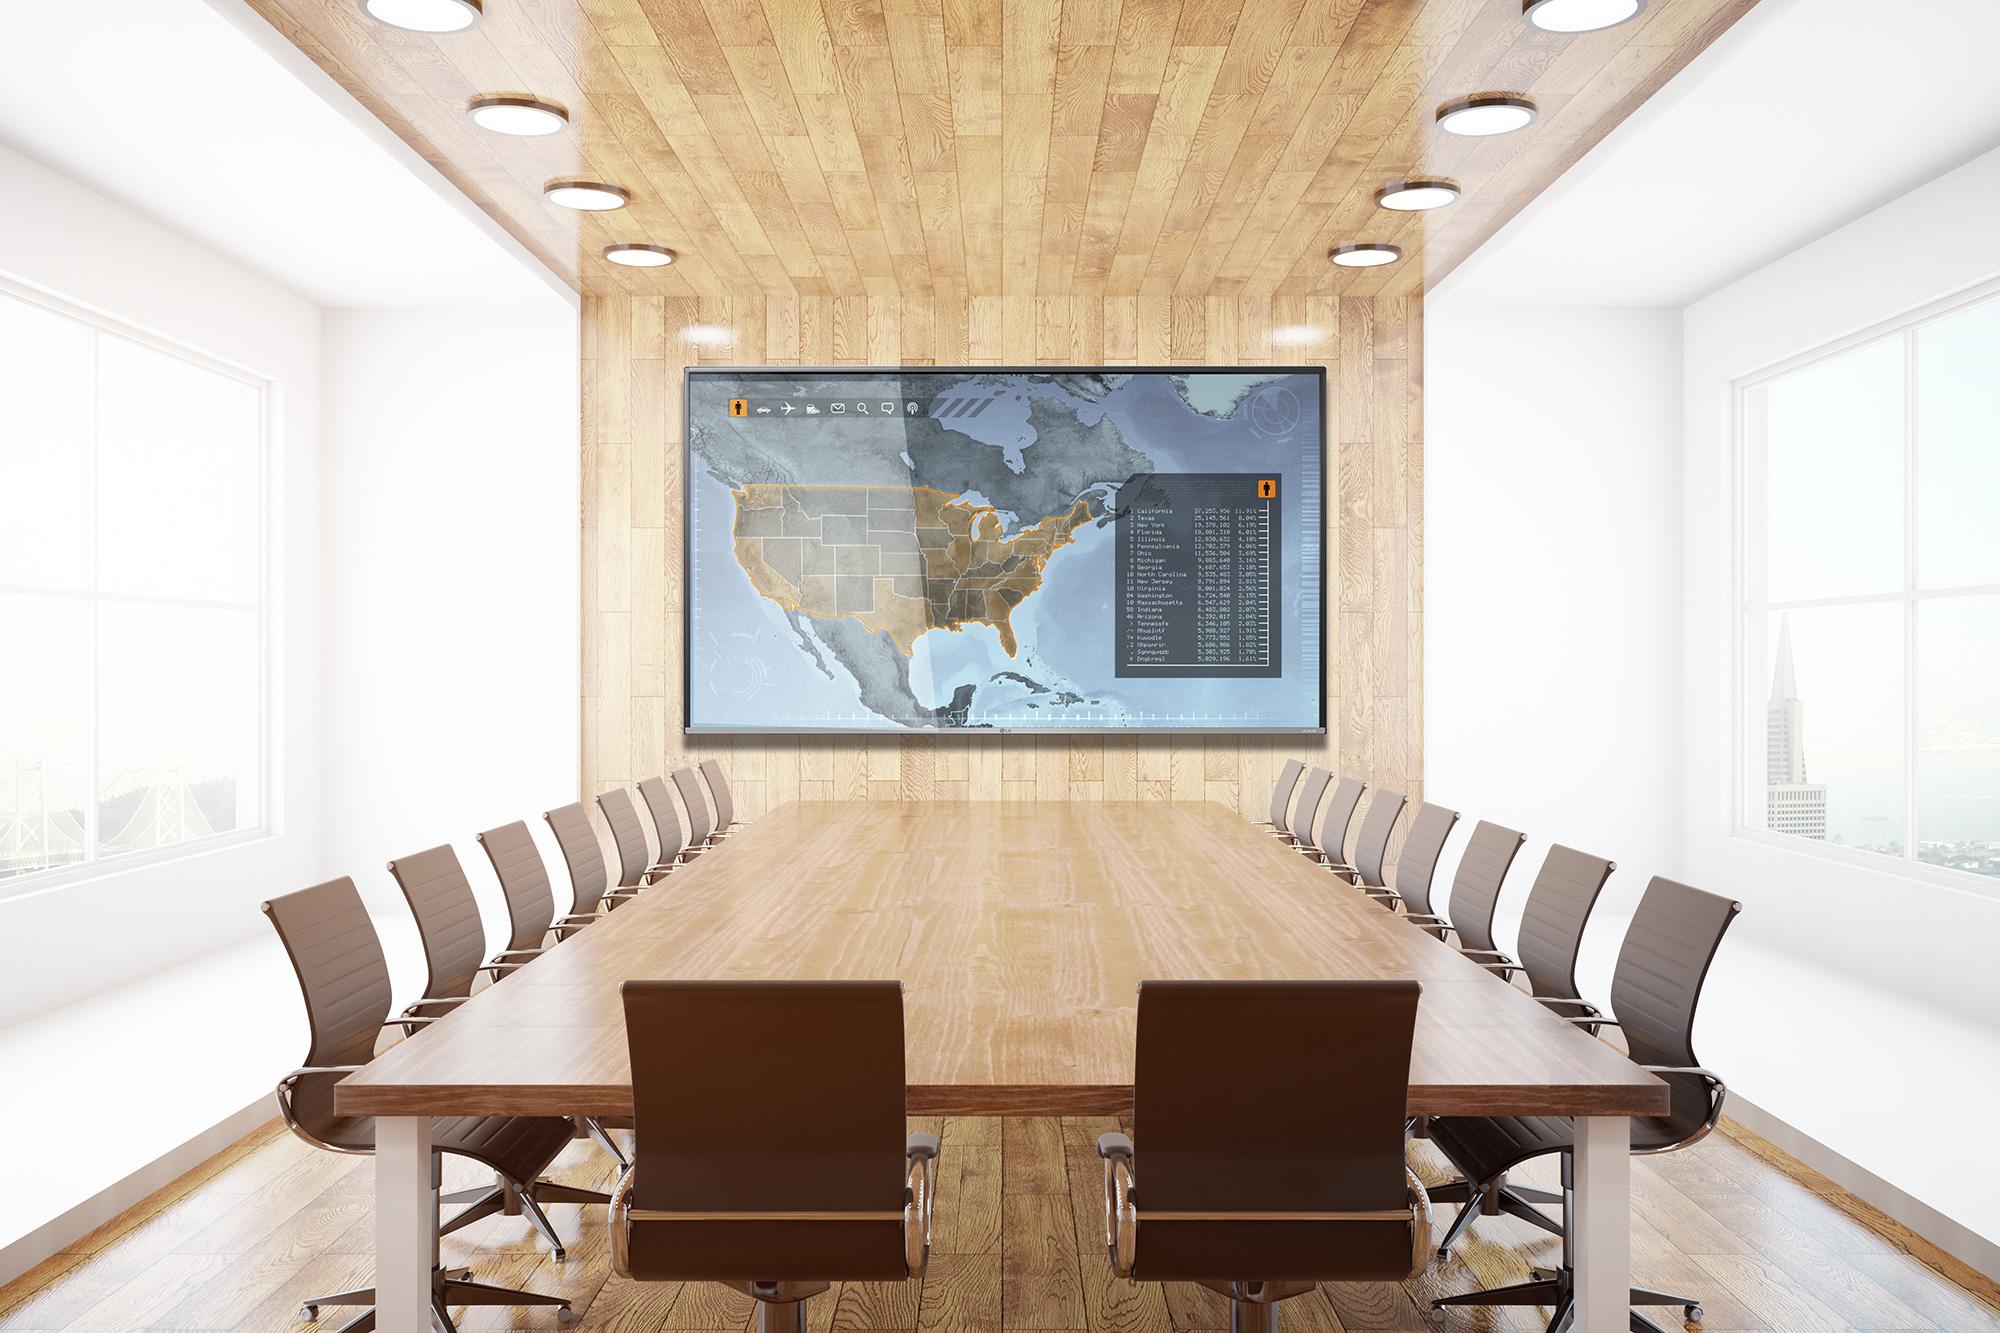 Partenaires VIDELIO x LG écran UHD pour visioconférence salle de réunion salle du conseil série UH5F-H